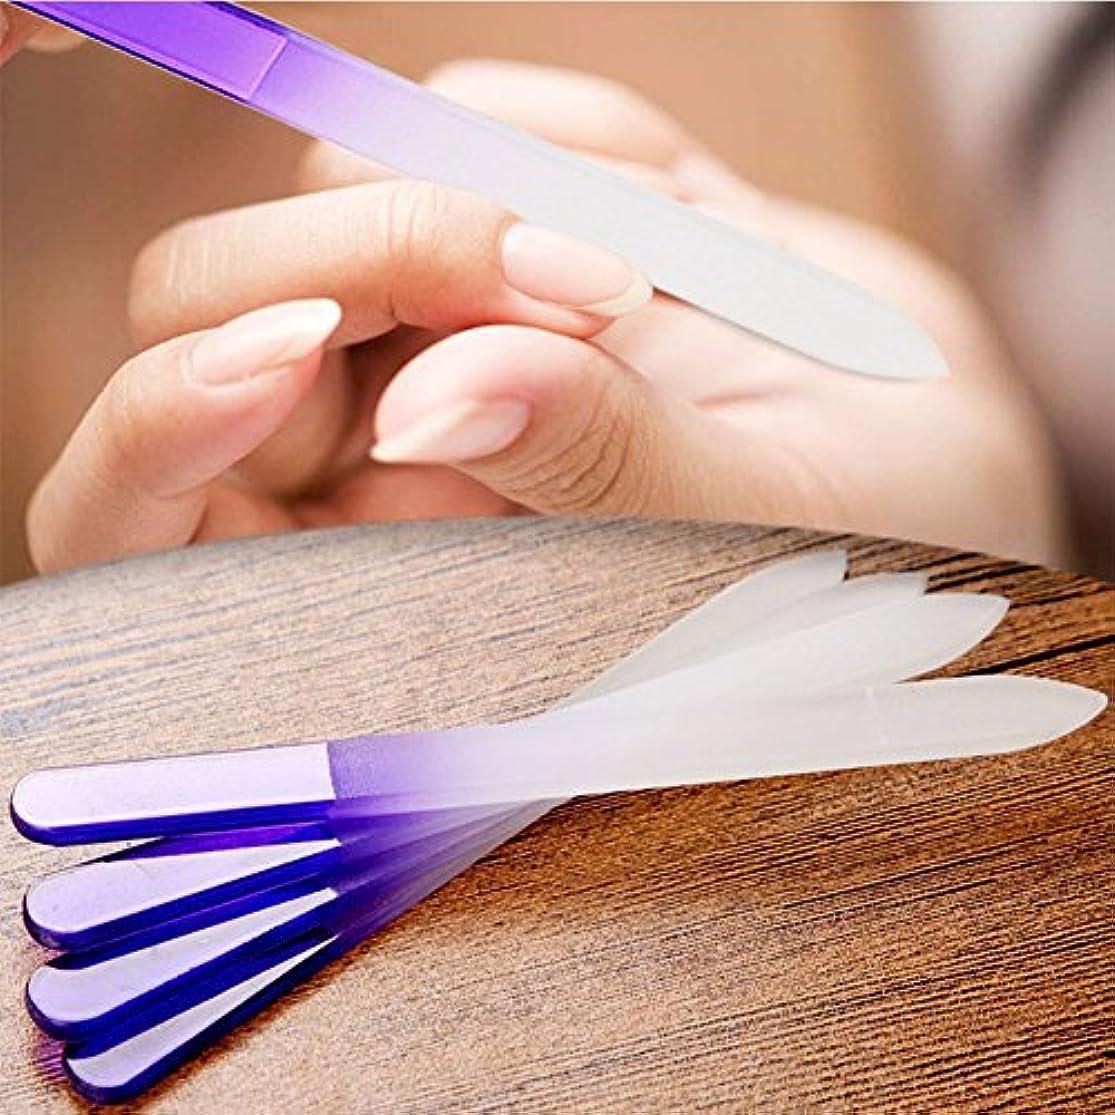 電圧によって反対したLiebeye マニキュア ネイル ファイル クリスタル ガラス ファイルバッファー 装置研磨 ネイル アート 装飾 ツール 4本